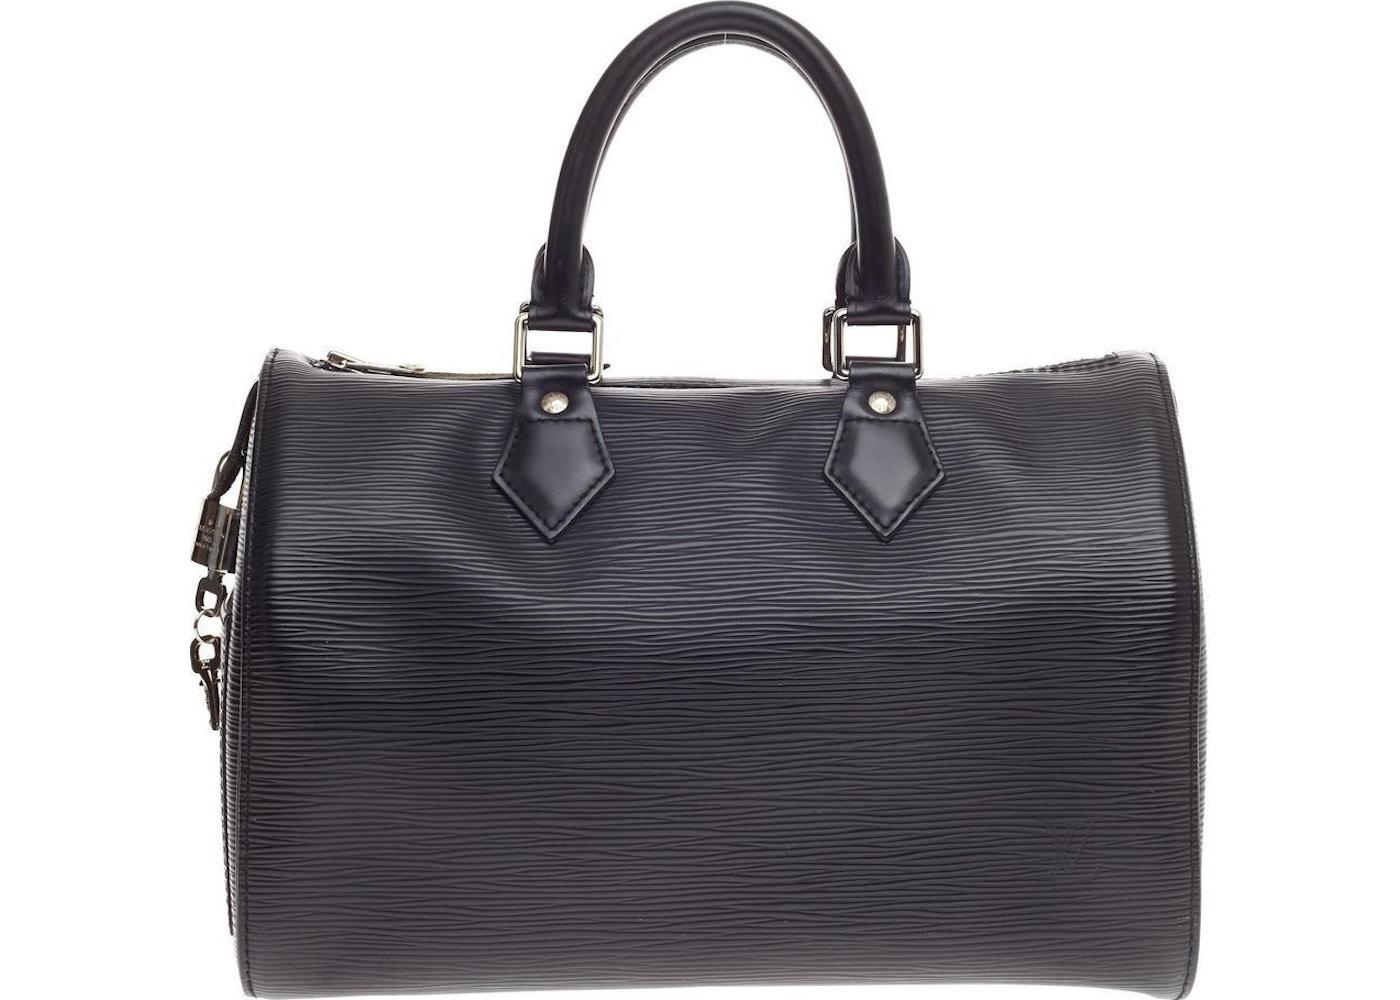 cbc3c65249759 Louis Vuitton Speedy Epi 25 Black. Epi 25 Black